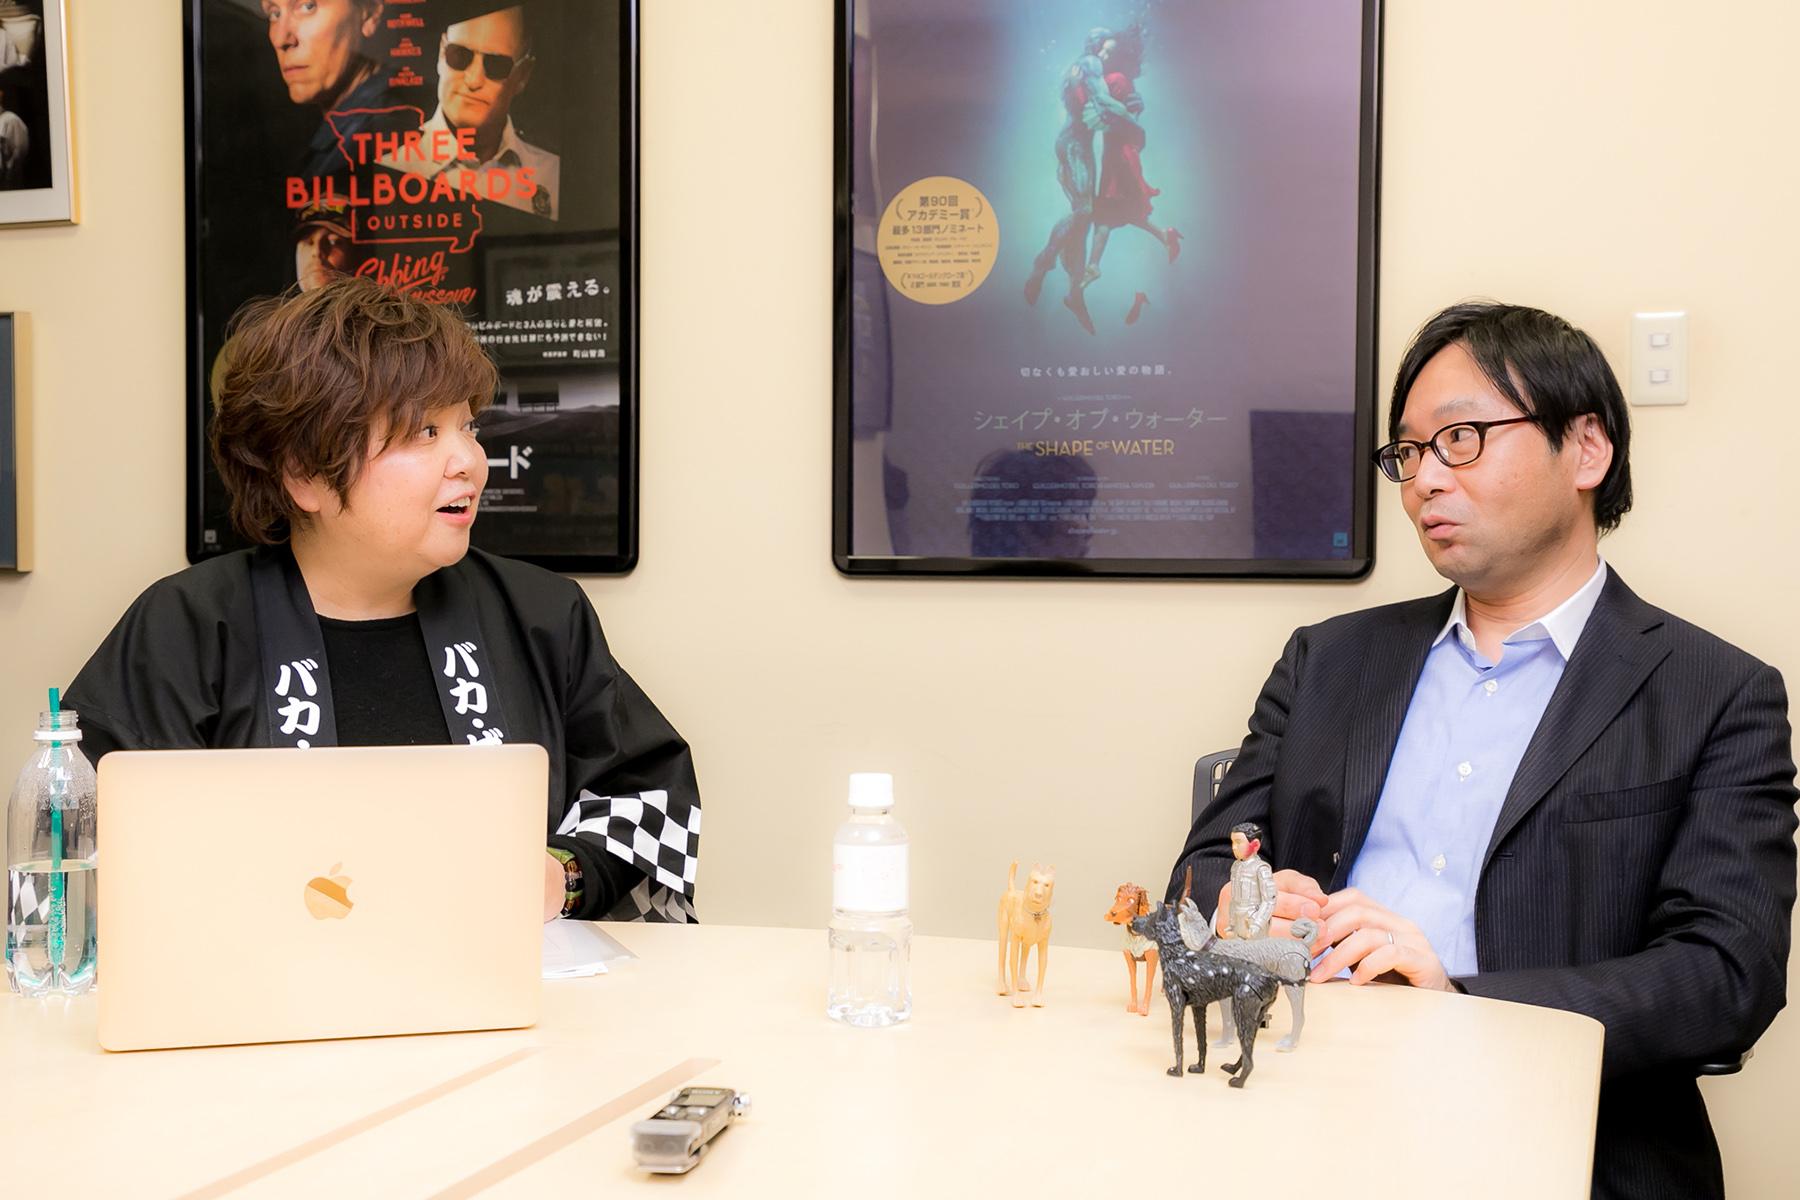 ベルリン国際映画祭でも話題!日本が舞台のウェス・アンダーソン監督最新作『犬ヶ島』の魅力とは?